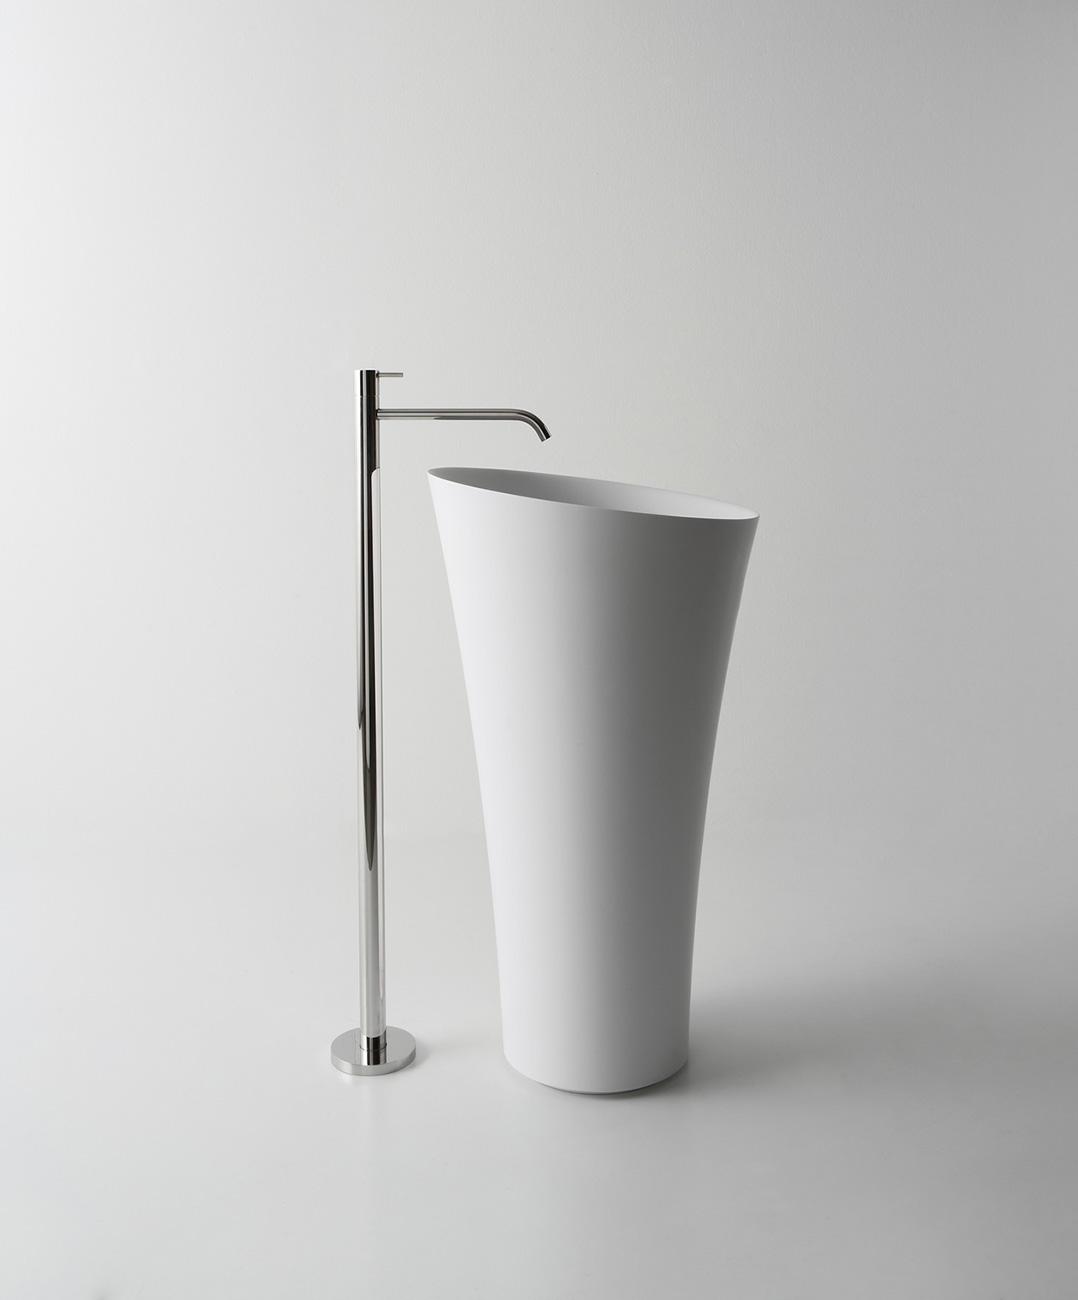 le lavabo un meuble de salle de bains part enti re induscabel salle de bains chauffage et. Black Bedroom Furniture Sets. Home Design Ideas